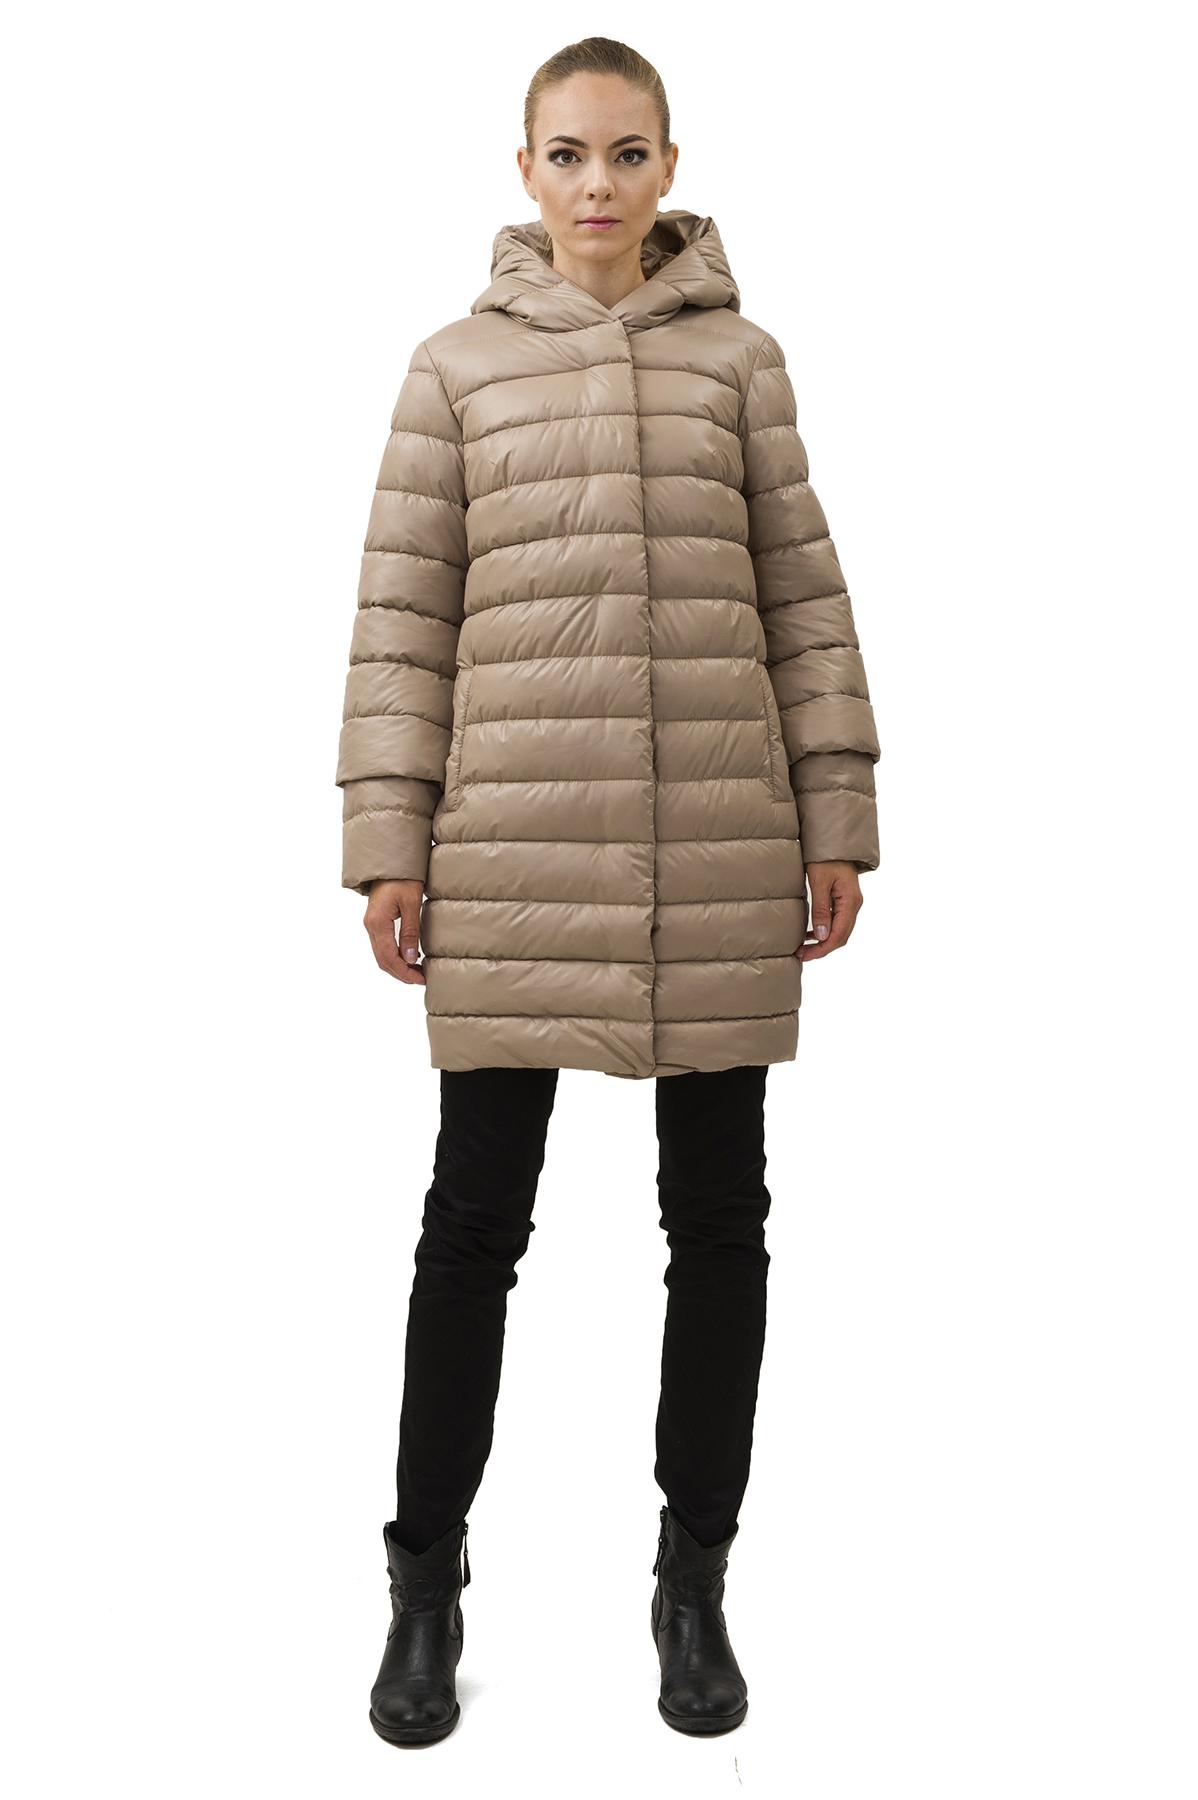 ПальтоЗимние куртки, пальто, пуховики<br>В холодный зимний день очень важно ощущение тепла и комфорта. Это тепло может подарить Вам это очаровательное полупальто. модель прекрасно сидит по фигуре. Оригинальность пальто заключается в модной яркой расцветке.<br><br>Цвет: бежевый<br>Состав: 100% полиэстер Подкладка: 100% полиэстер Утеплитель:  синтепух<br>Размер: 40,42,44,46,48,50,52,54,56<br>Страна дизайна: Россия<br>Страна производства: Россия